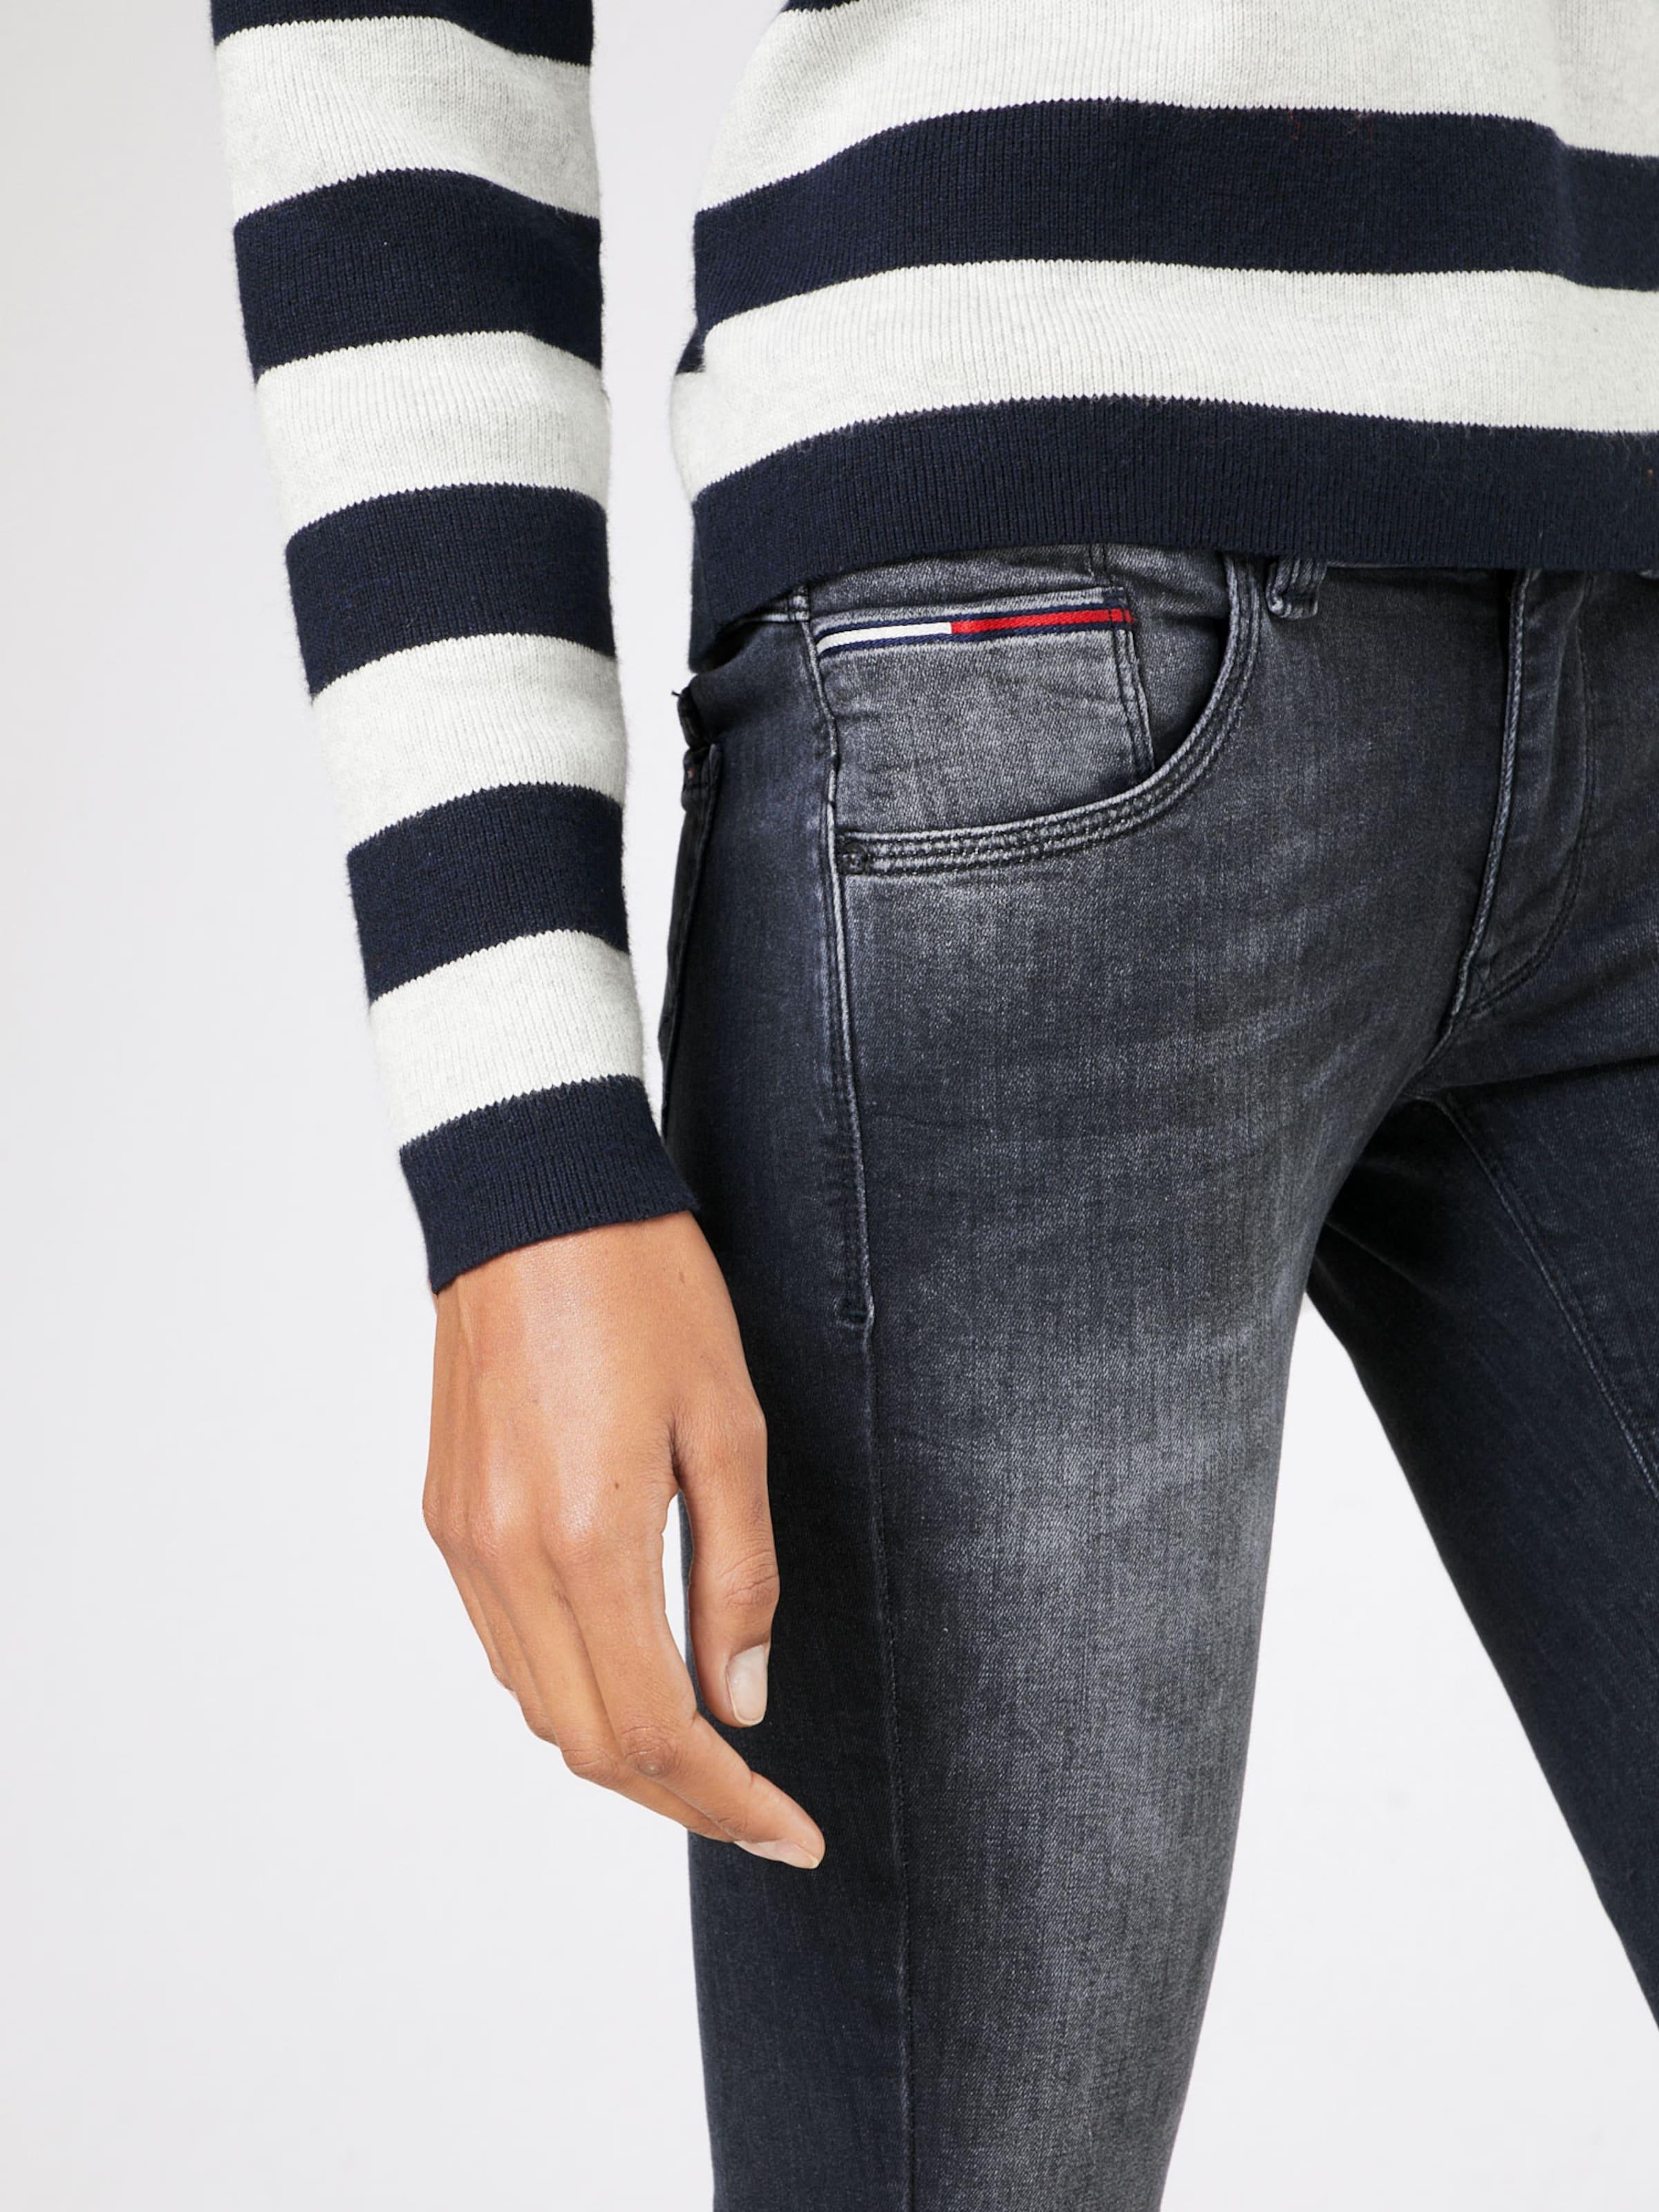 Tommy Jeans Low Waist Skinny Jeans 'SCARLETT SEMGST' Vorbestellung Online Billig Wirklich Spielraum Online Offizielle Seite  Wie Viel 9U7Jobs